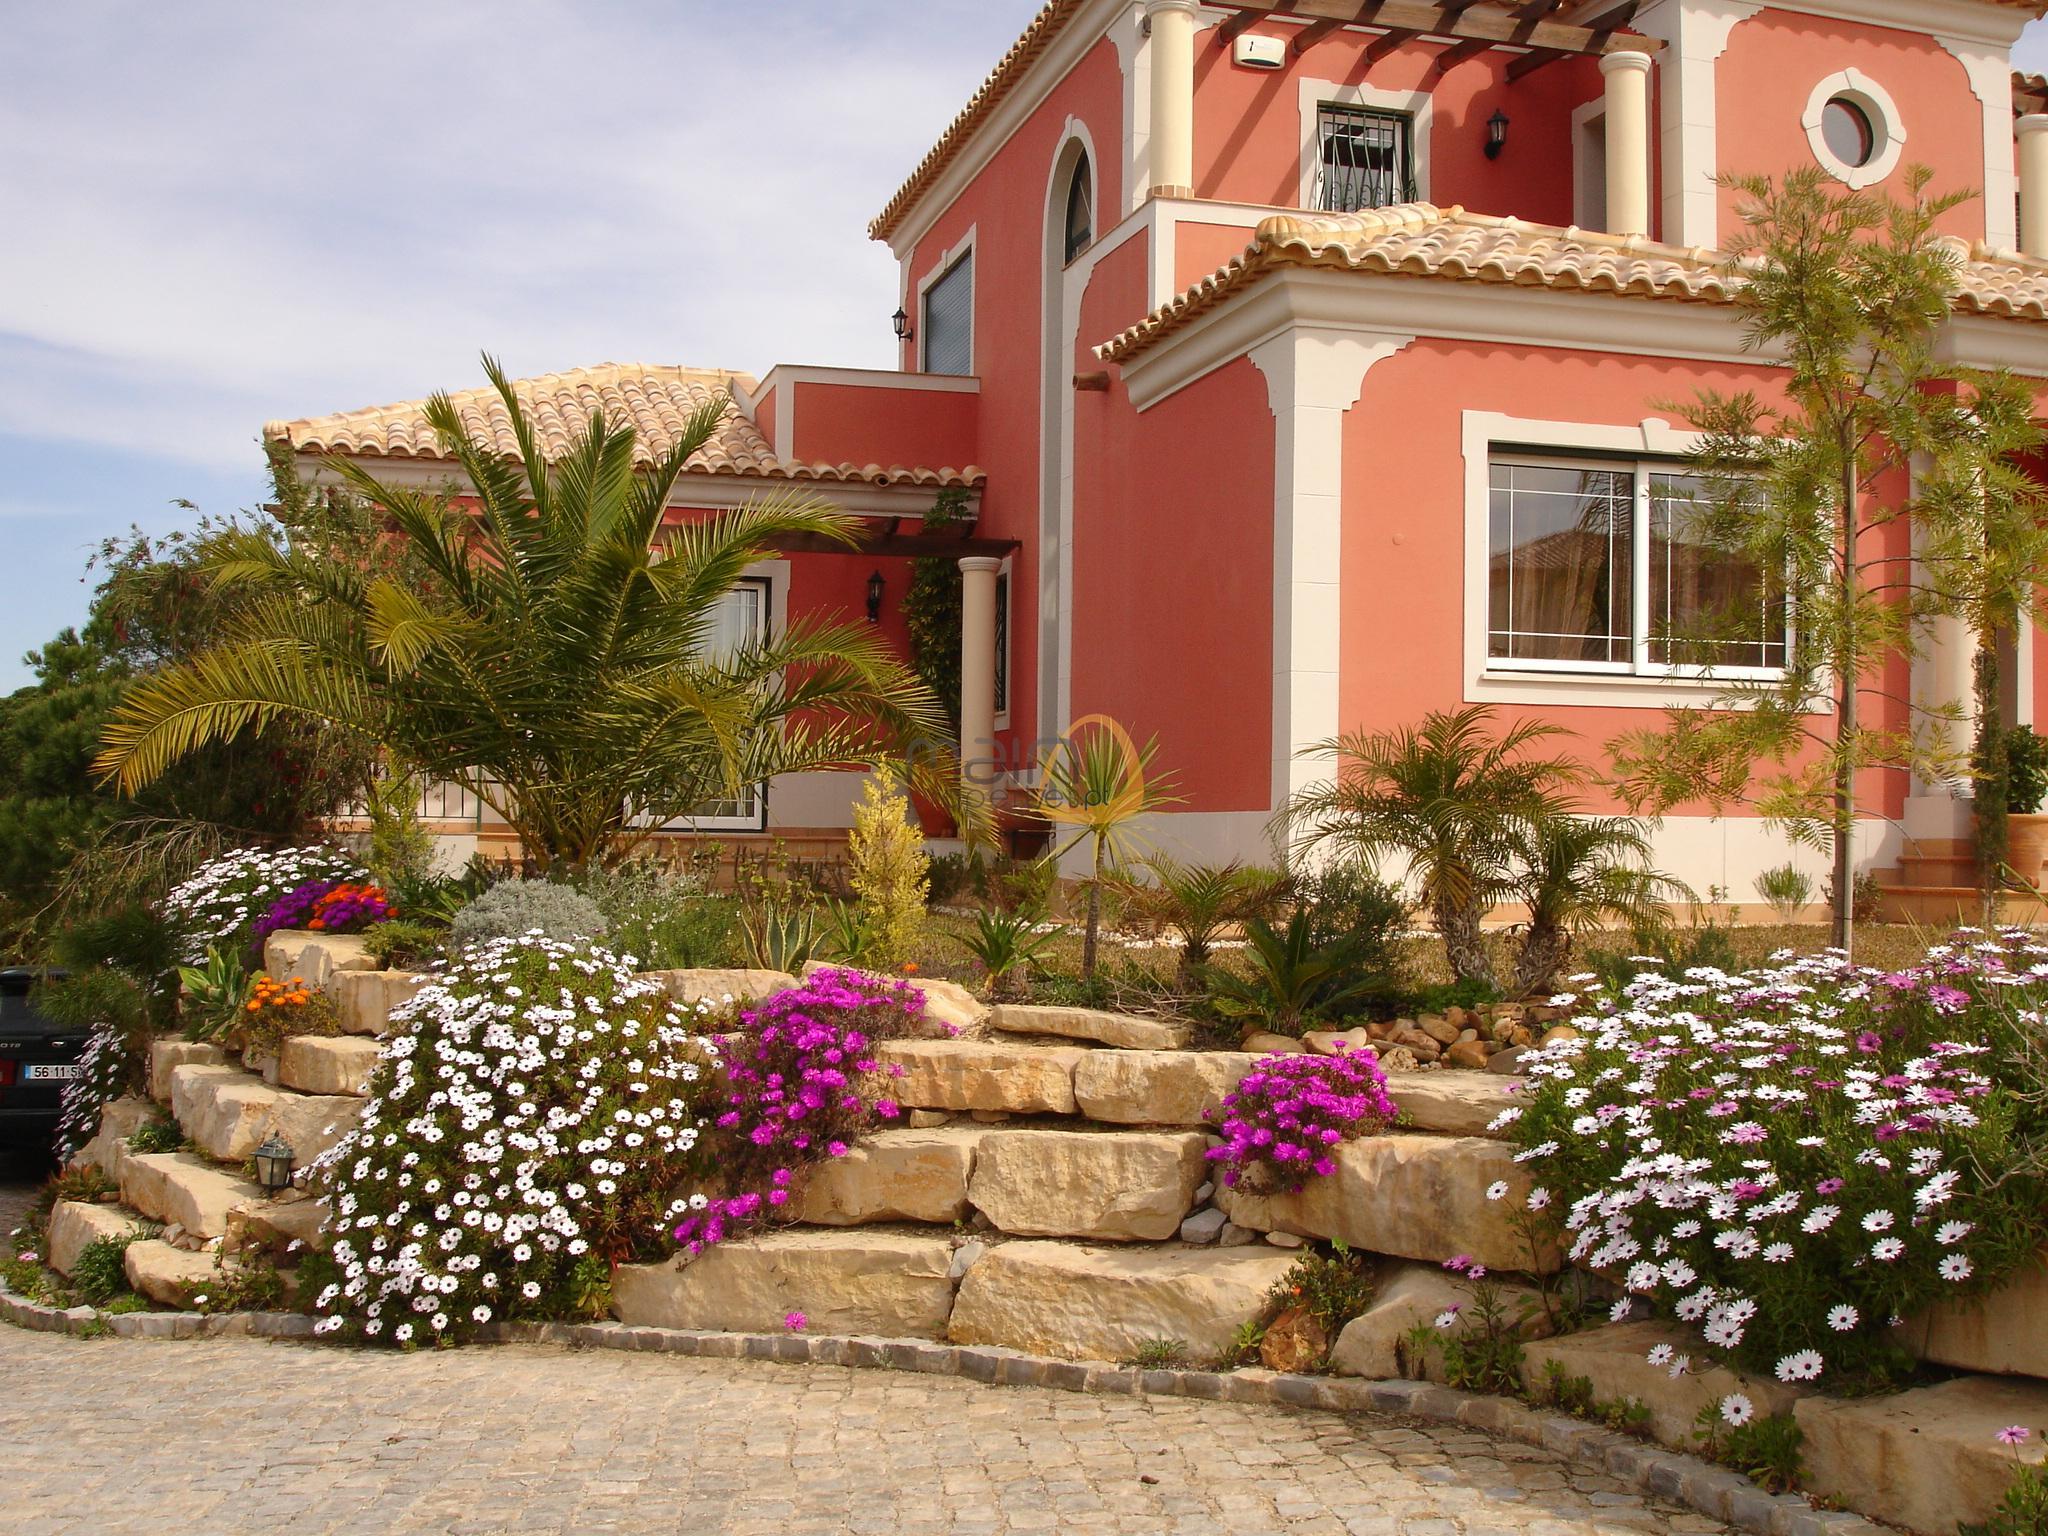 MainProperties :: Moradia de luxo com 4 quartos em Almancil :: Jardim :: MP126PG